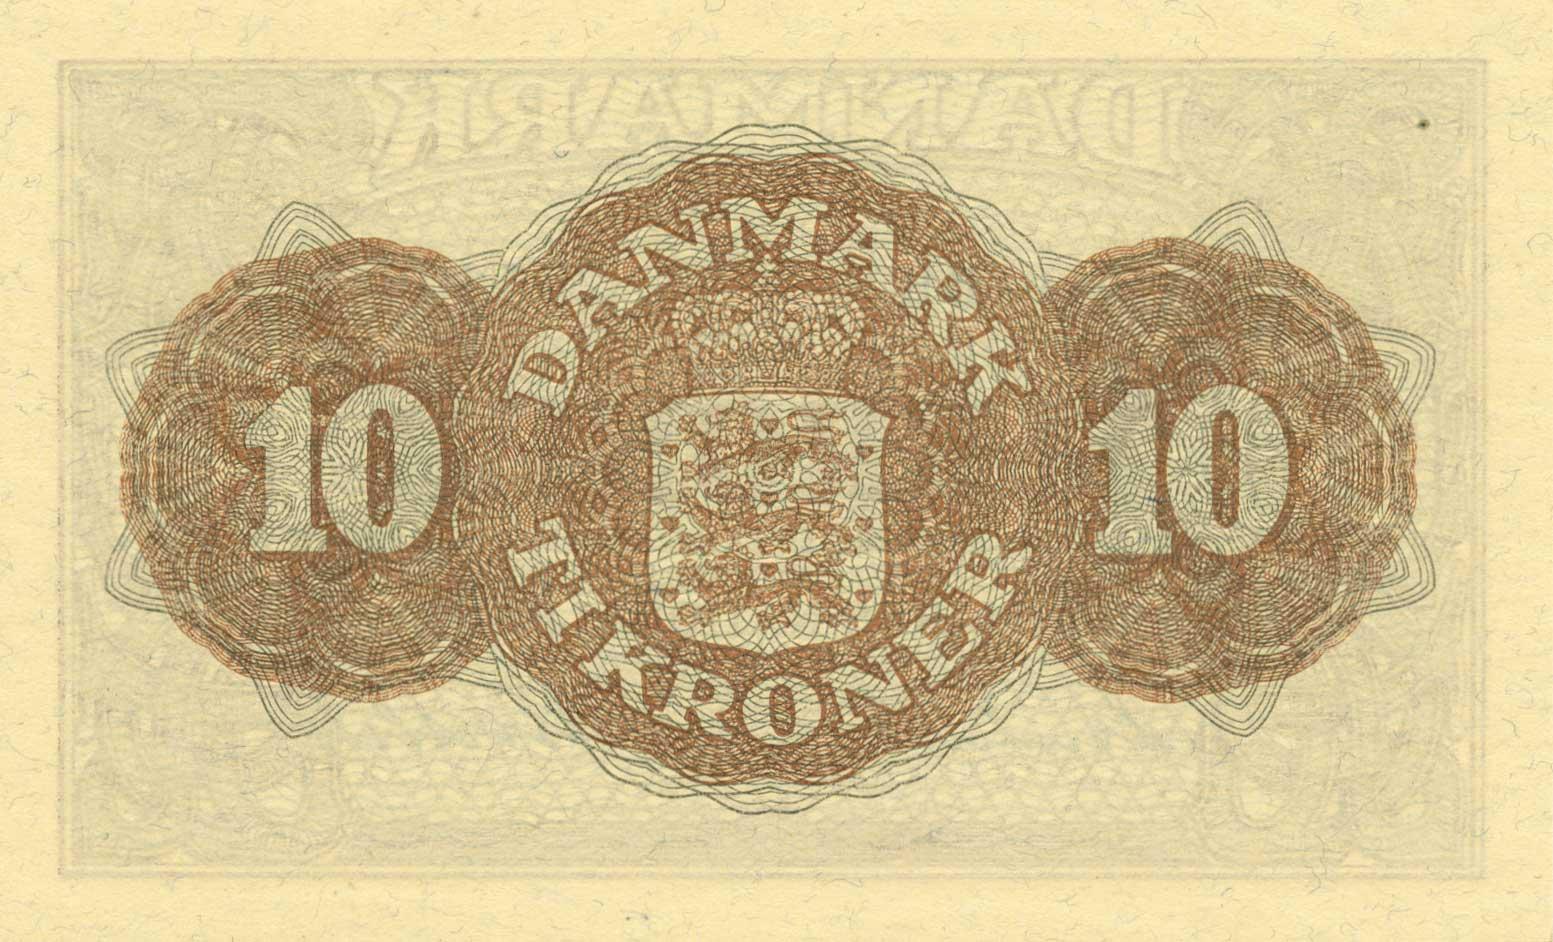 DNK-0036a-b